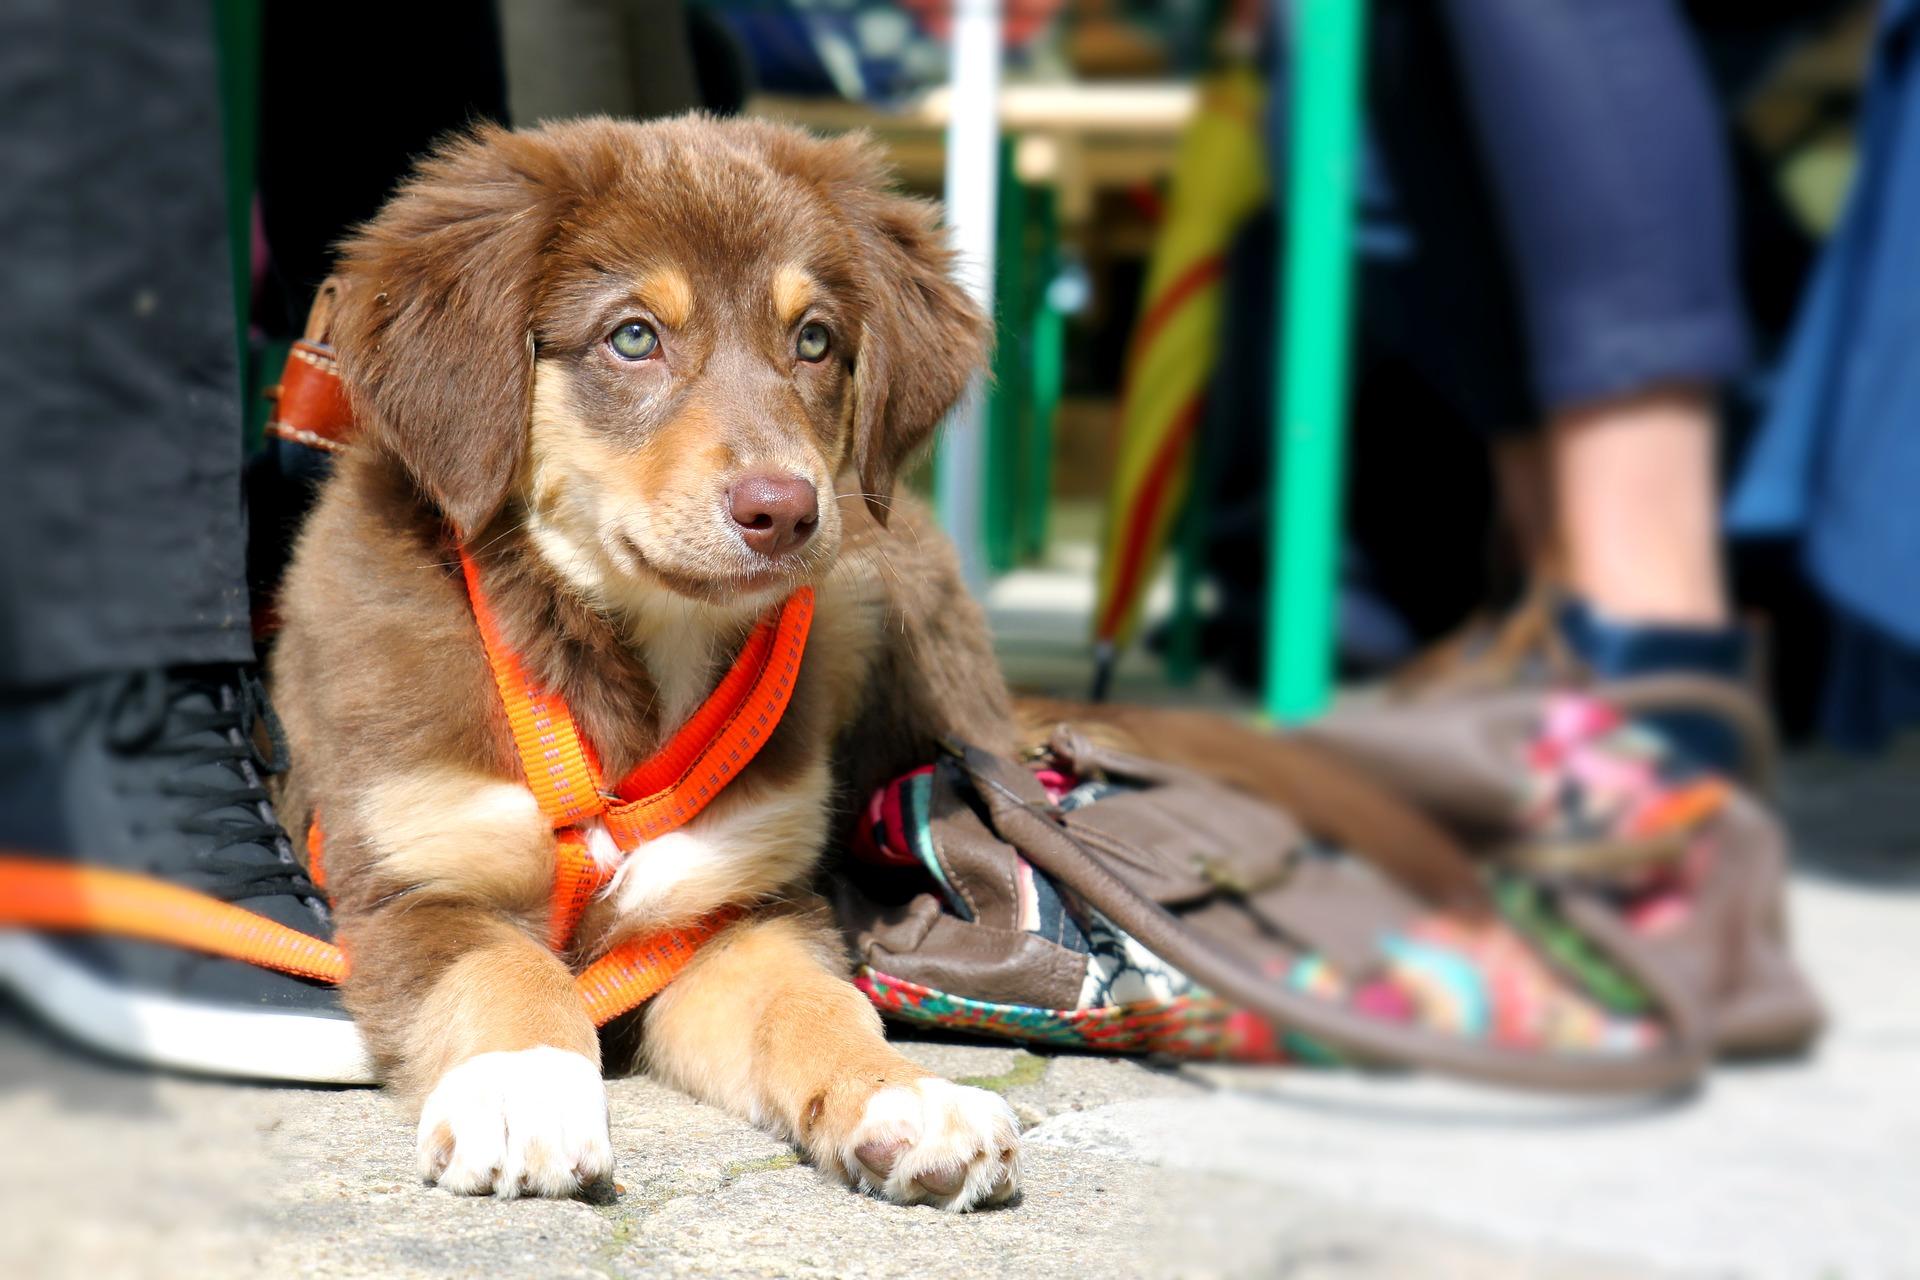 Woran Du eine gute Hundeschule erkennst